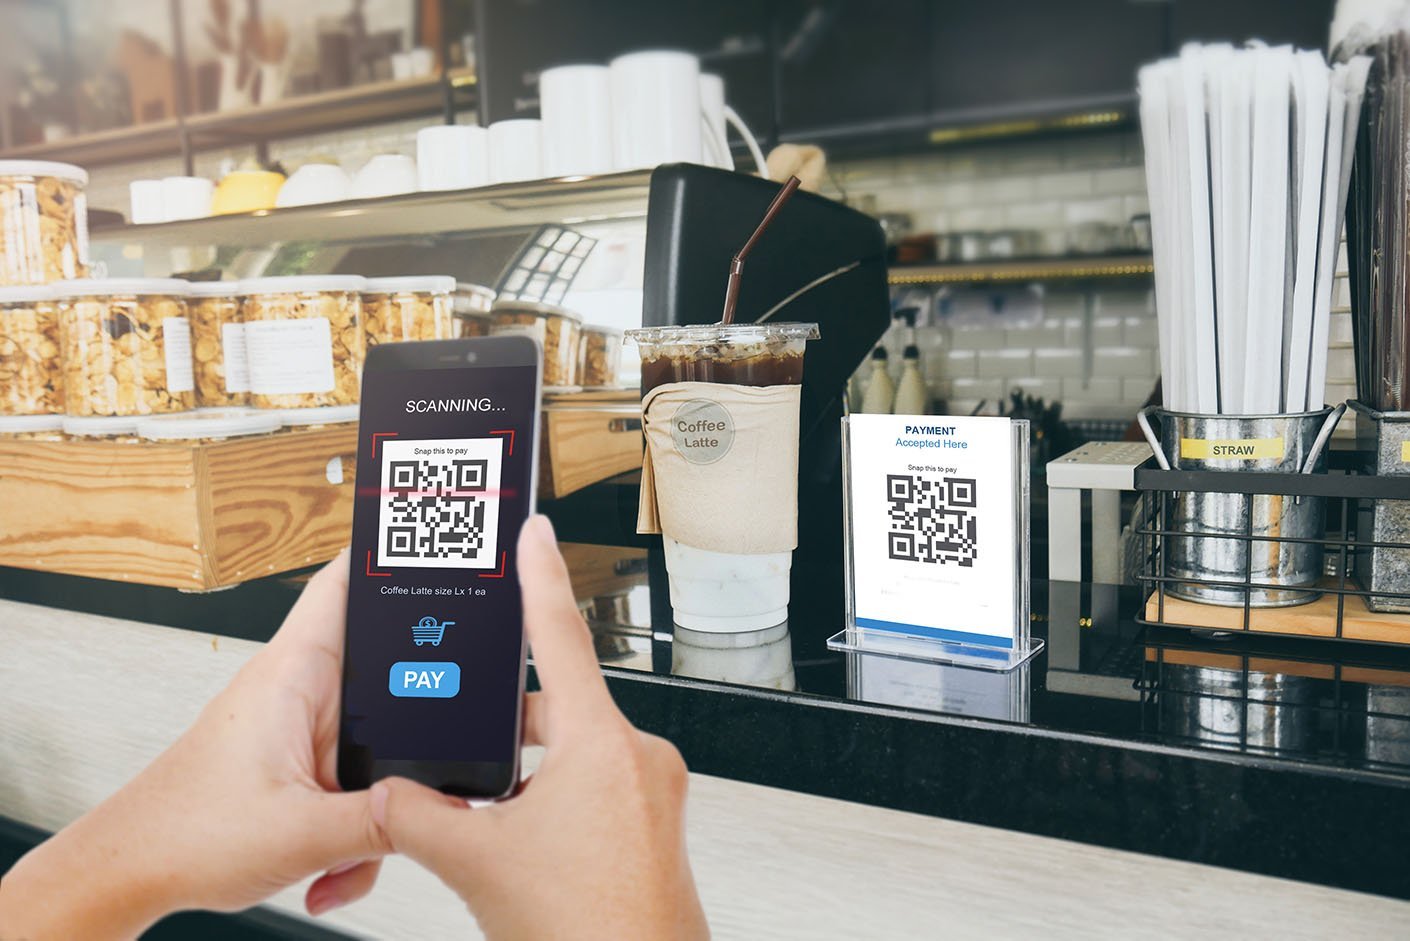 Tốc độ áp dụng công nghệ tiêu dùng mới theo cấp số nhân khiến các xu hướng trở nên khó dự đoán, nhưng ngành công nghiệp nhà hàng được kỳ vọng sẽ chứng kiến sự thích nghi sáng tạo nhanh chóng. Ảnh: @AFP.